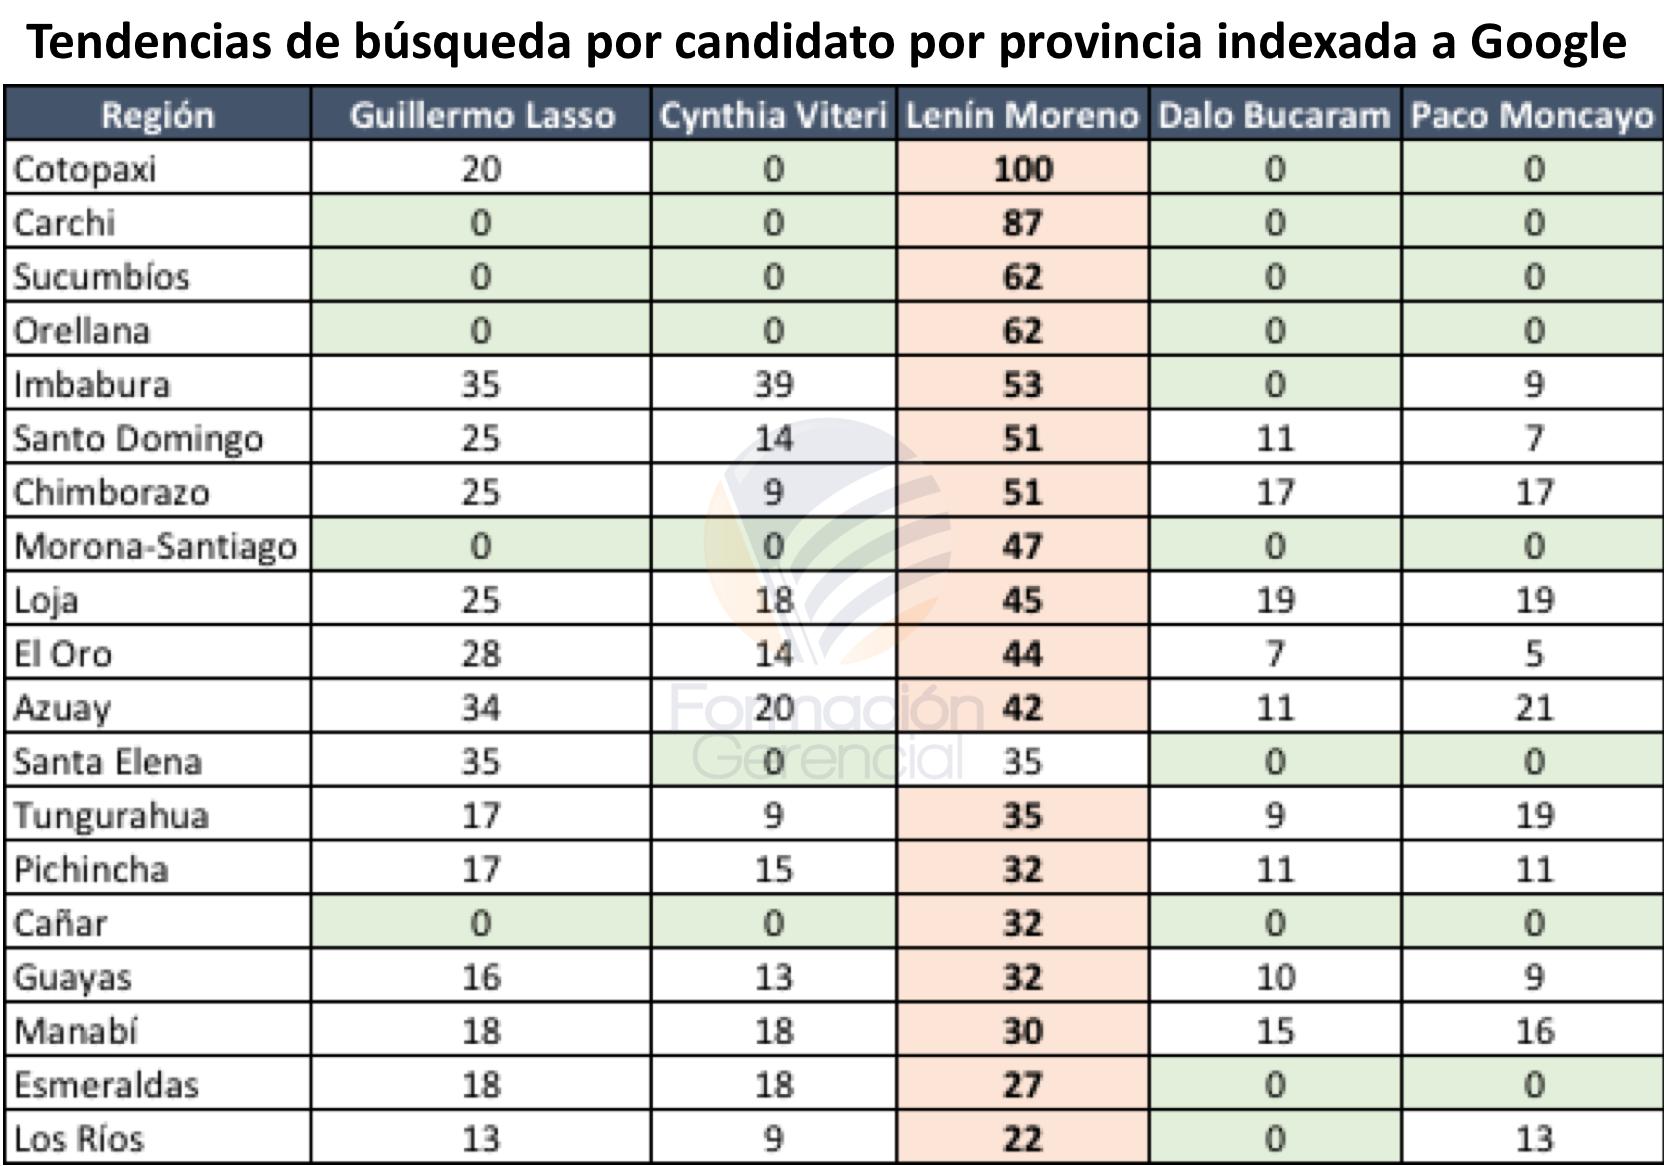 Tendencias Búsqueda Candidatos Provincias Ecuador Enero 2017